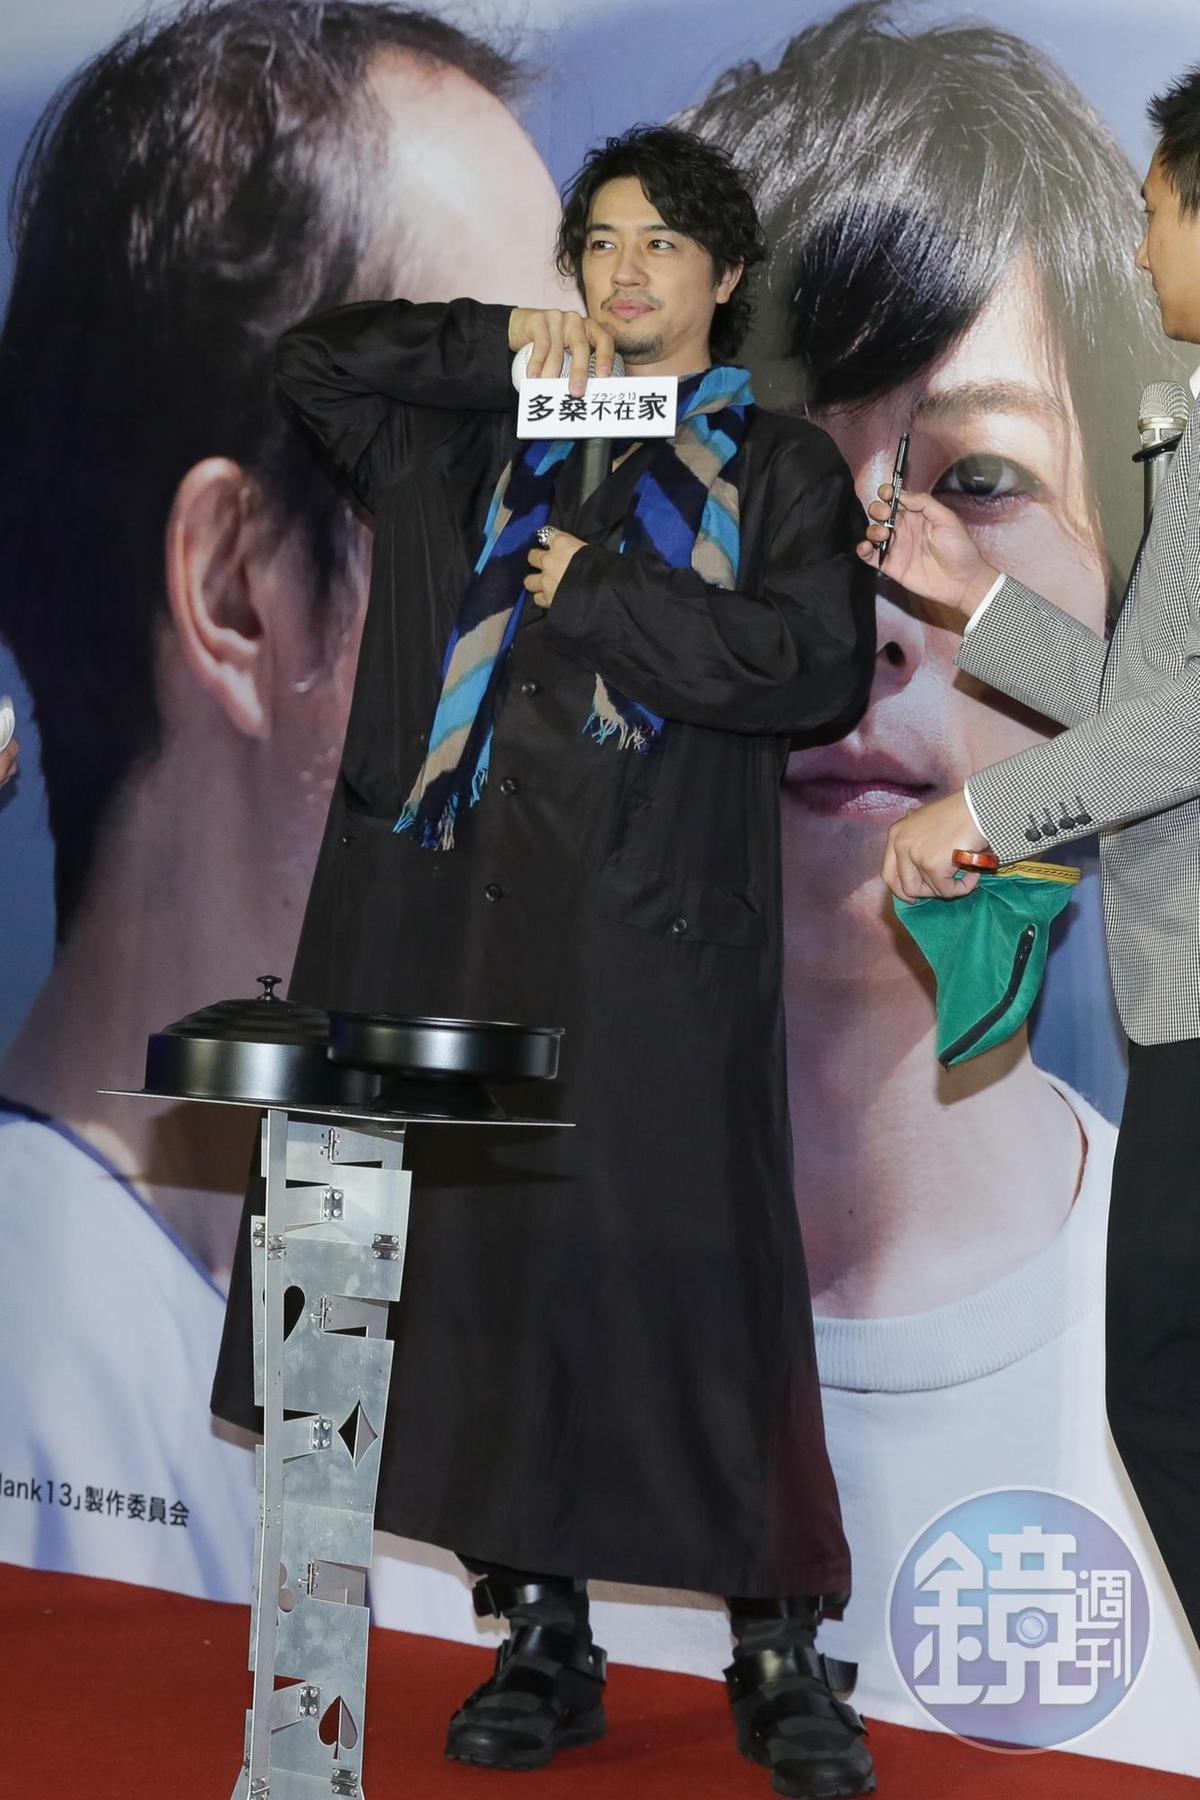 請齋藤工在棒球上簽名,他頑心一起,學魔術師將麥克風塞在胸口。